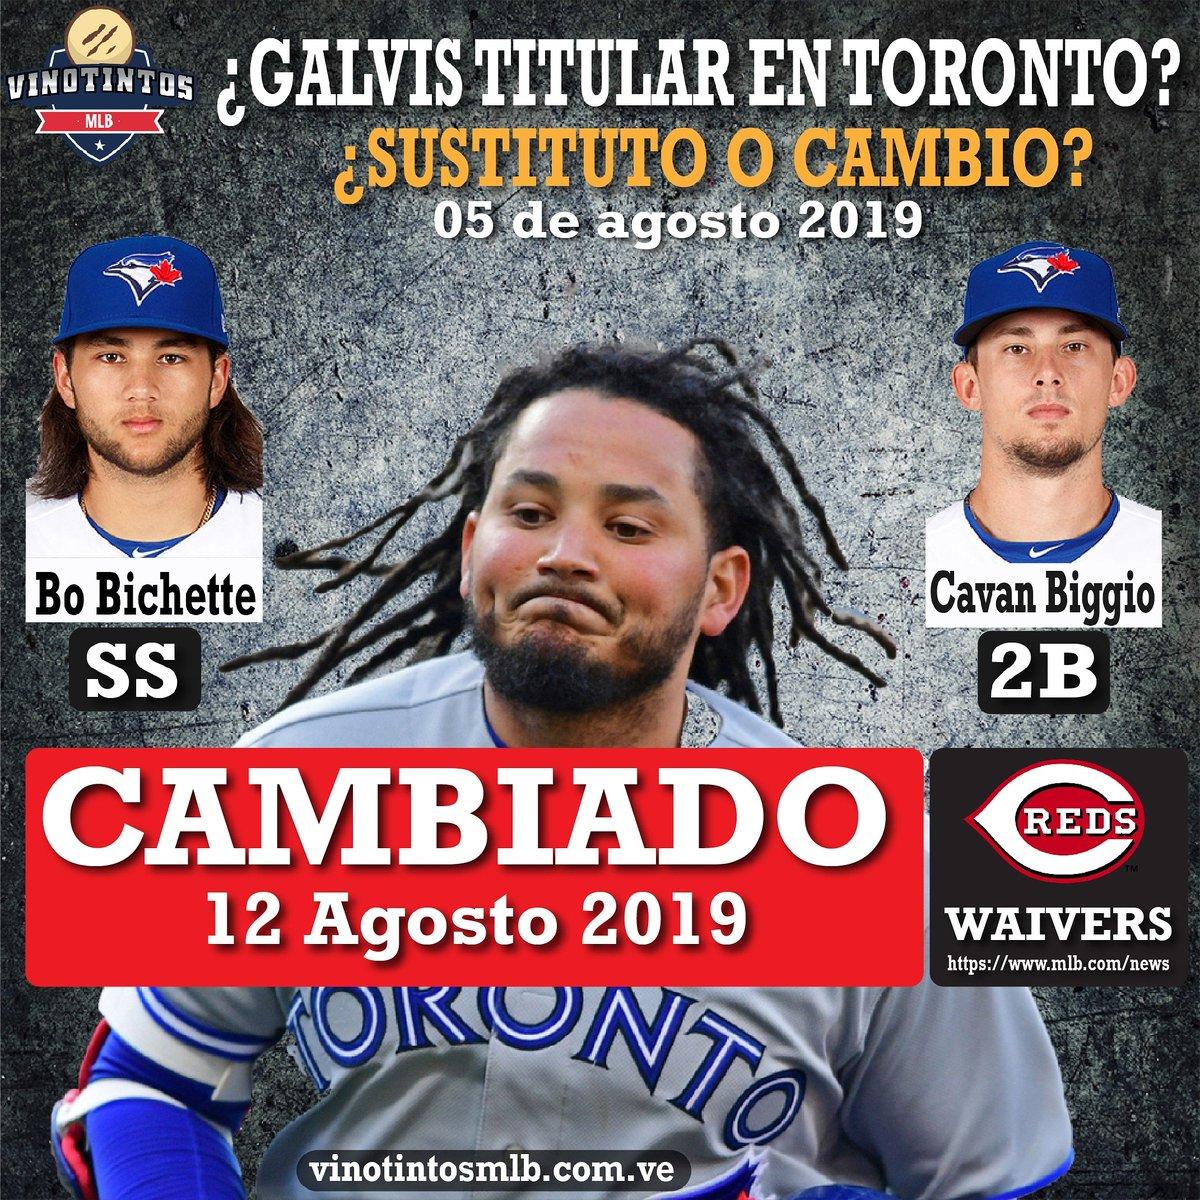 🇻🇪⚾CAMBIO REALIZADO, GALVIS A LOS ROJOS⚾🇻🇪 Los Rojos de #Cincinati reclamaron a #Freddy #Galvis de #Waivers el día de hoy 12 de Agosto. El de #Venezuela se unirá al equipo este martes cuando los #Reds jueguen contra Los #Nacionales.